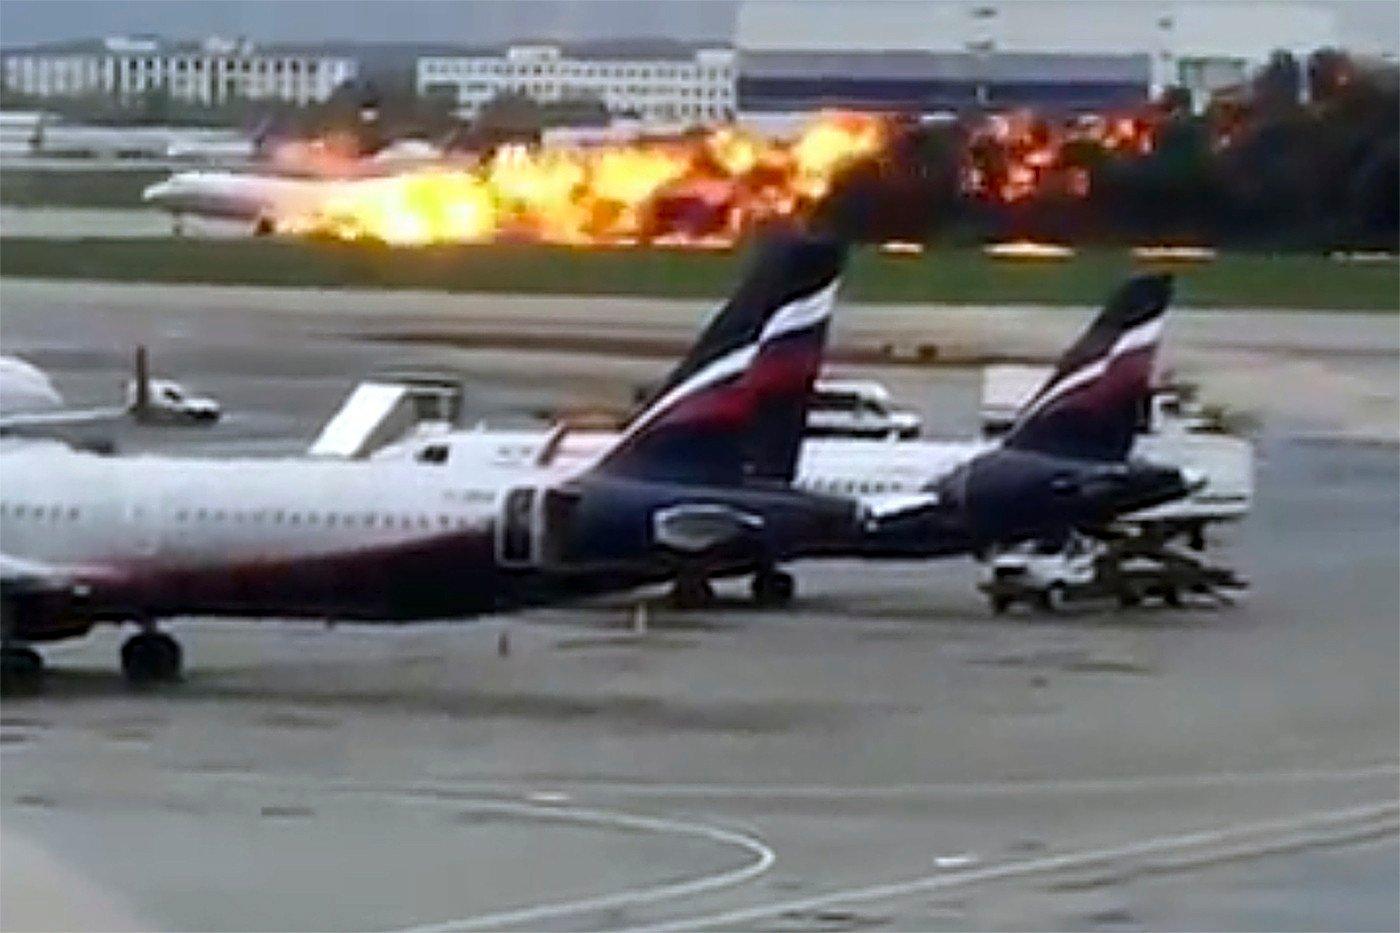 Dette bildet tatt av en Instagram-bruker viser dramaet på flyplassen i Moskva søndag. Foto: @artempetrovich via AP / NTB scanpix